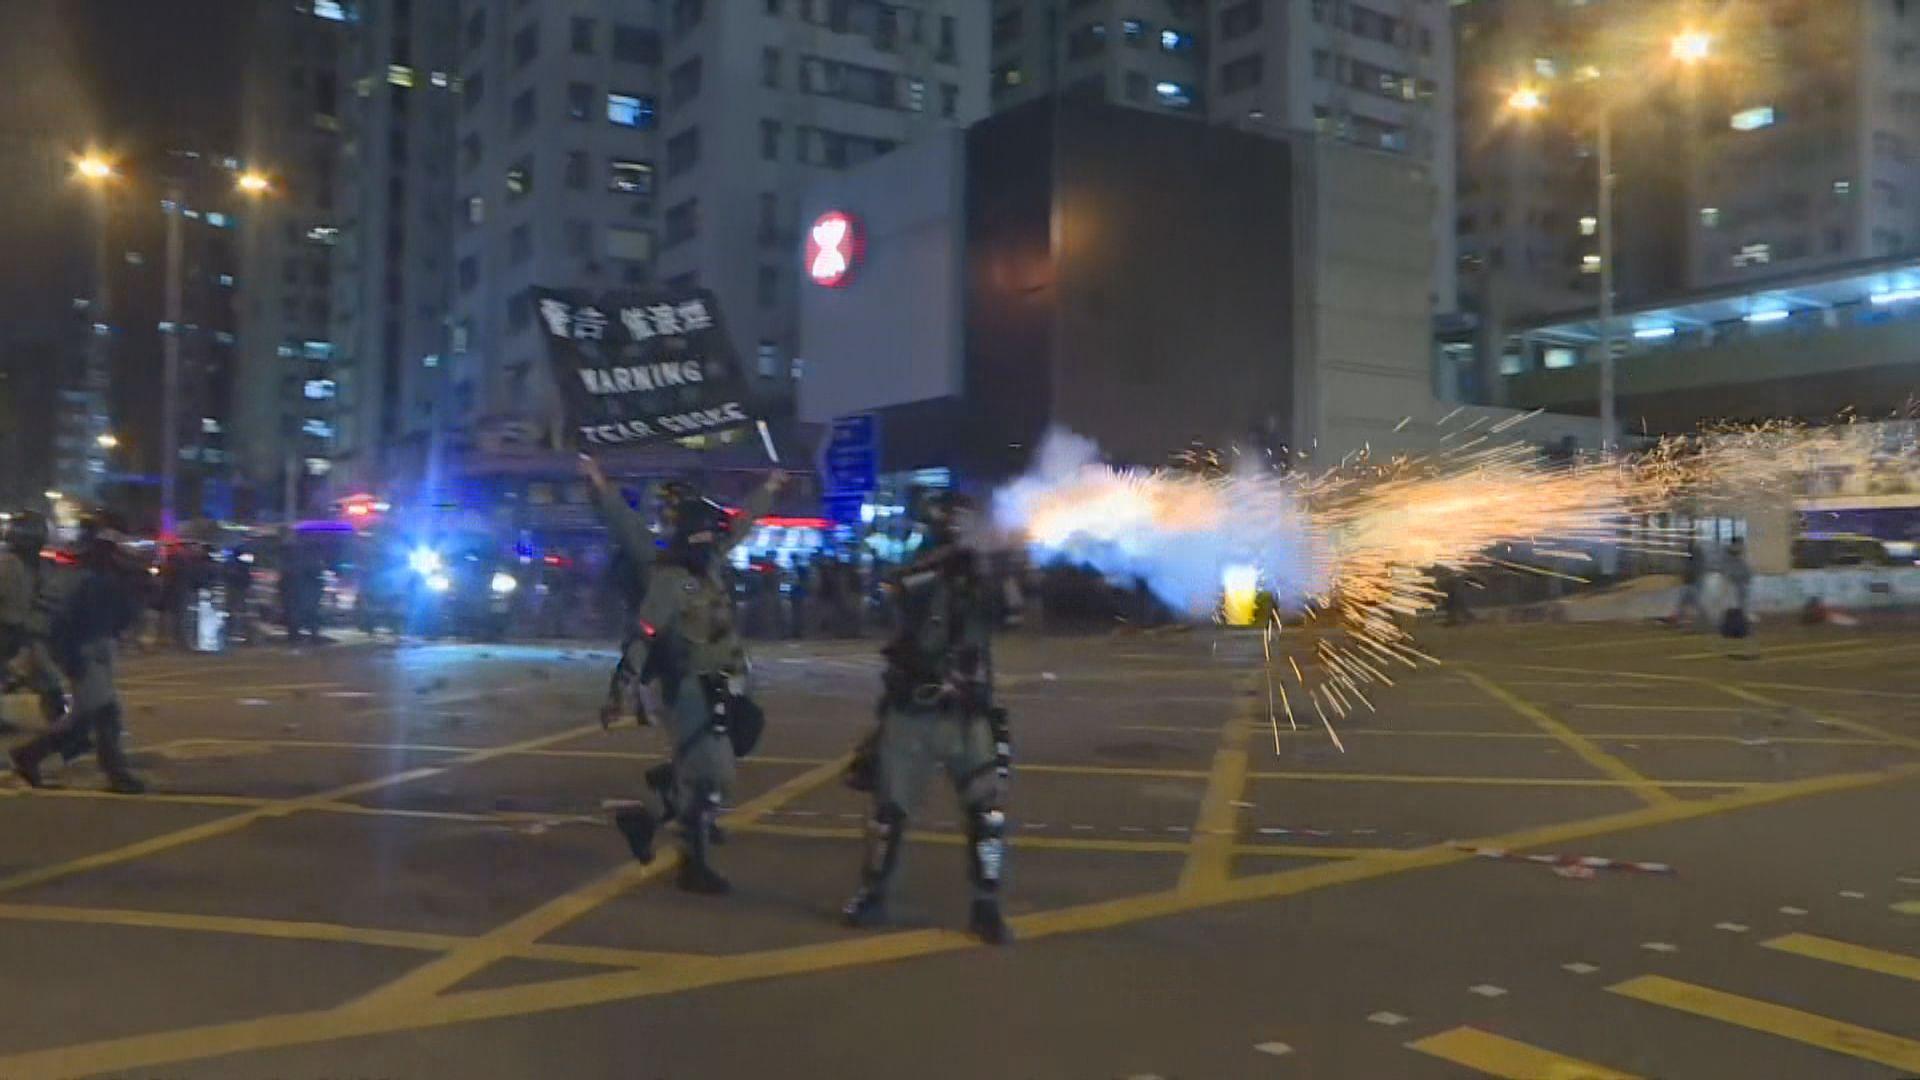 黃埔有人向警車投擲汽油彈 防暴警放催淚彈